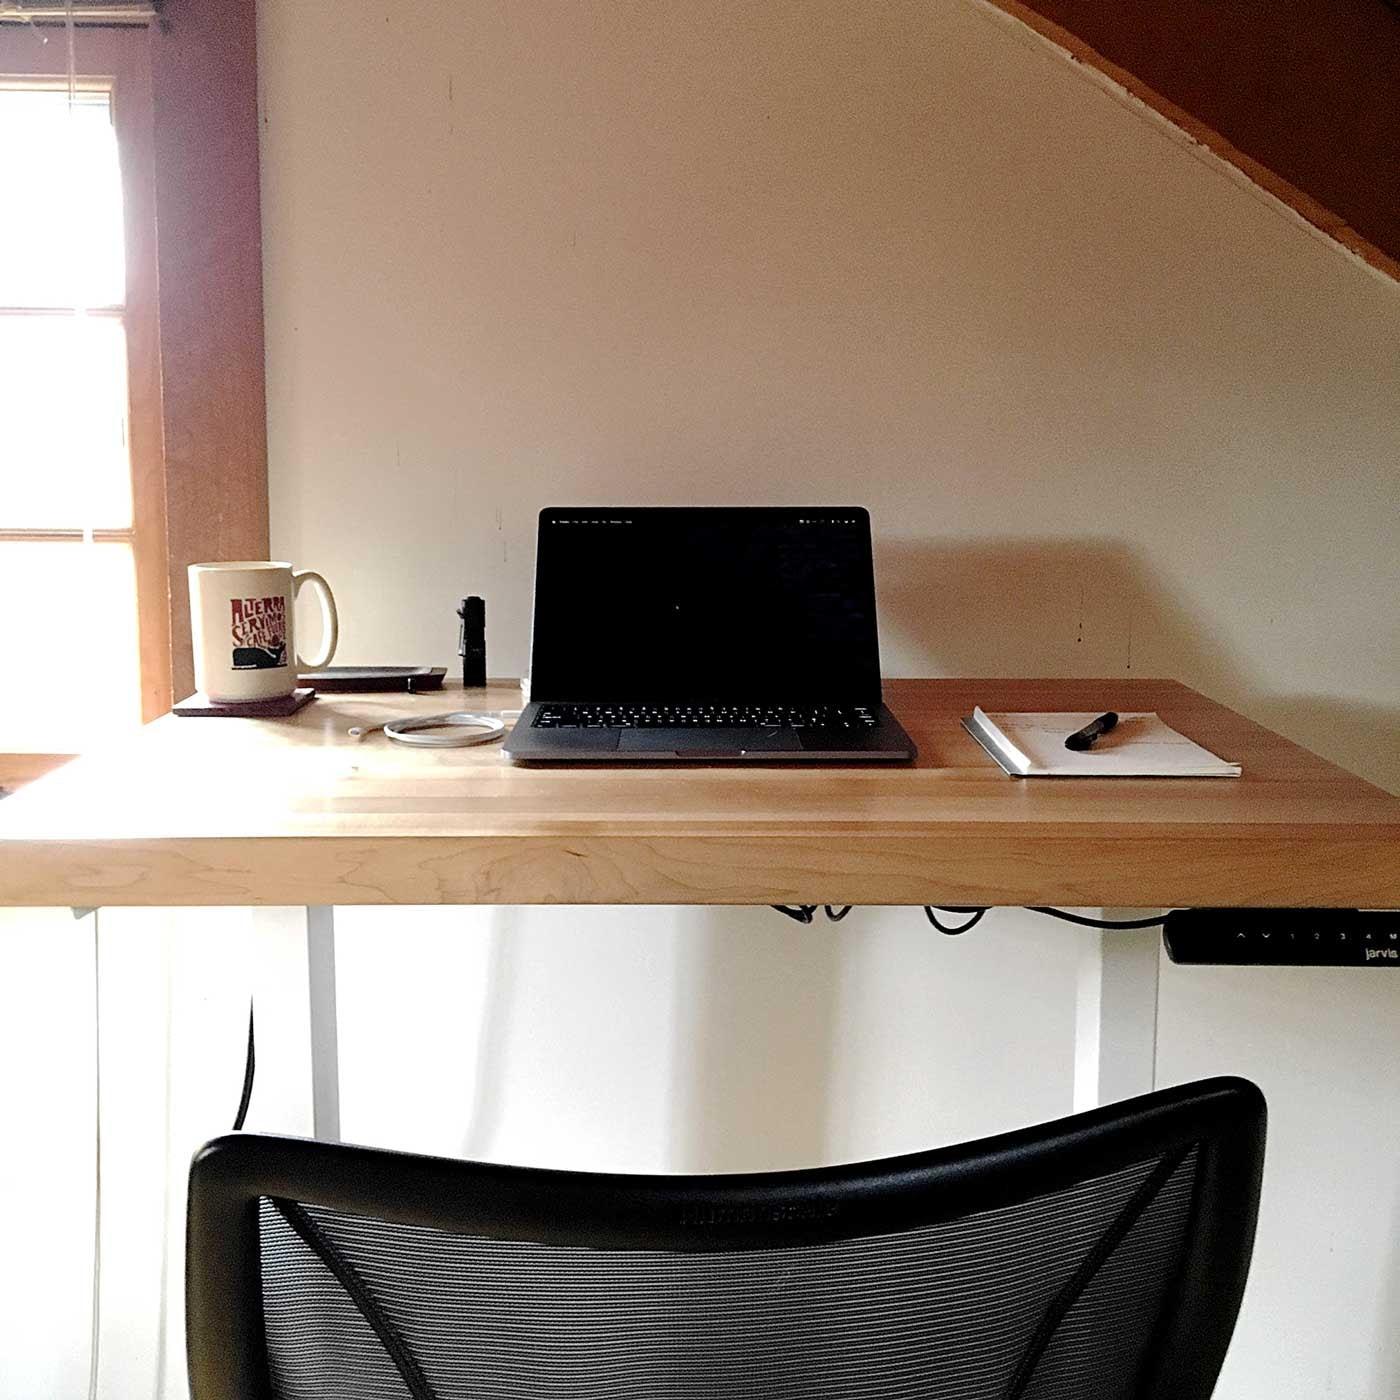 Ben Kutil's workstation setup